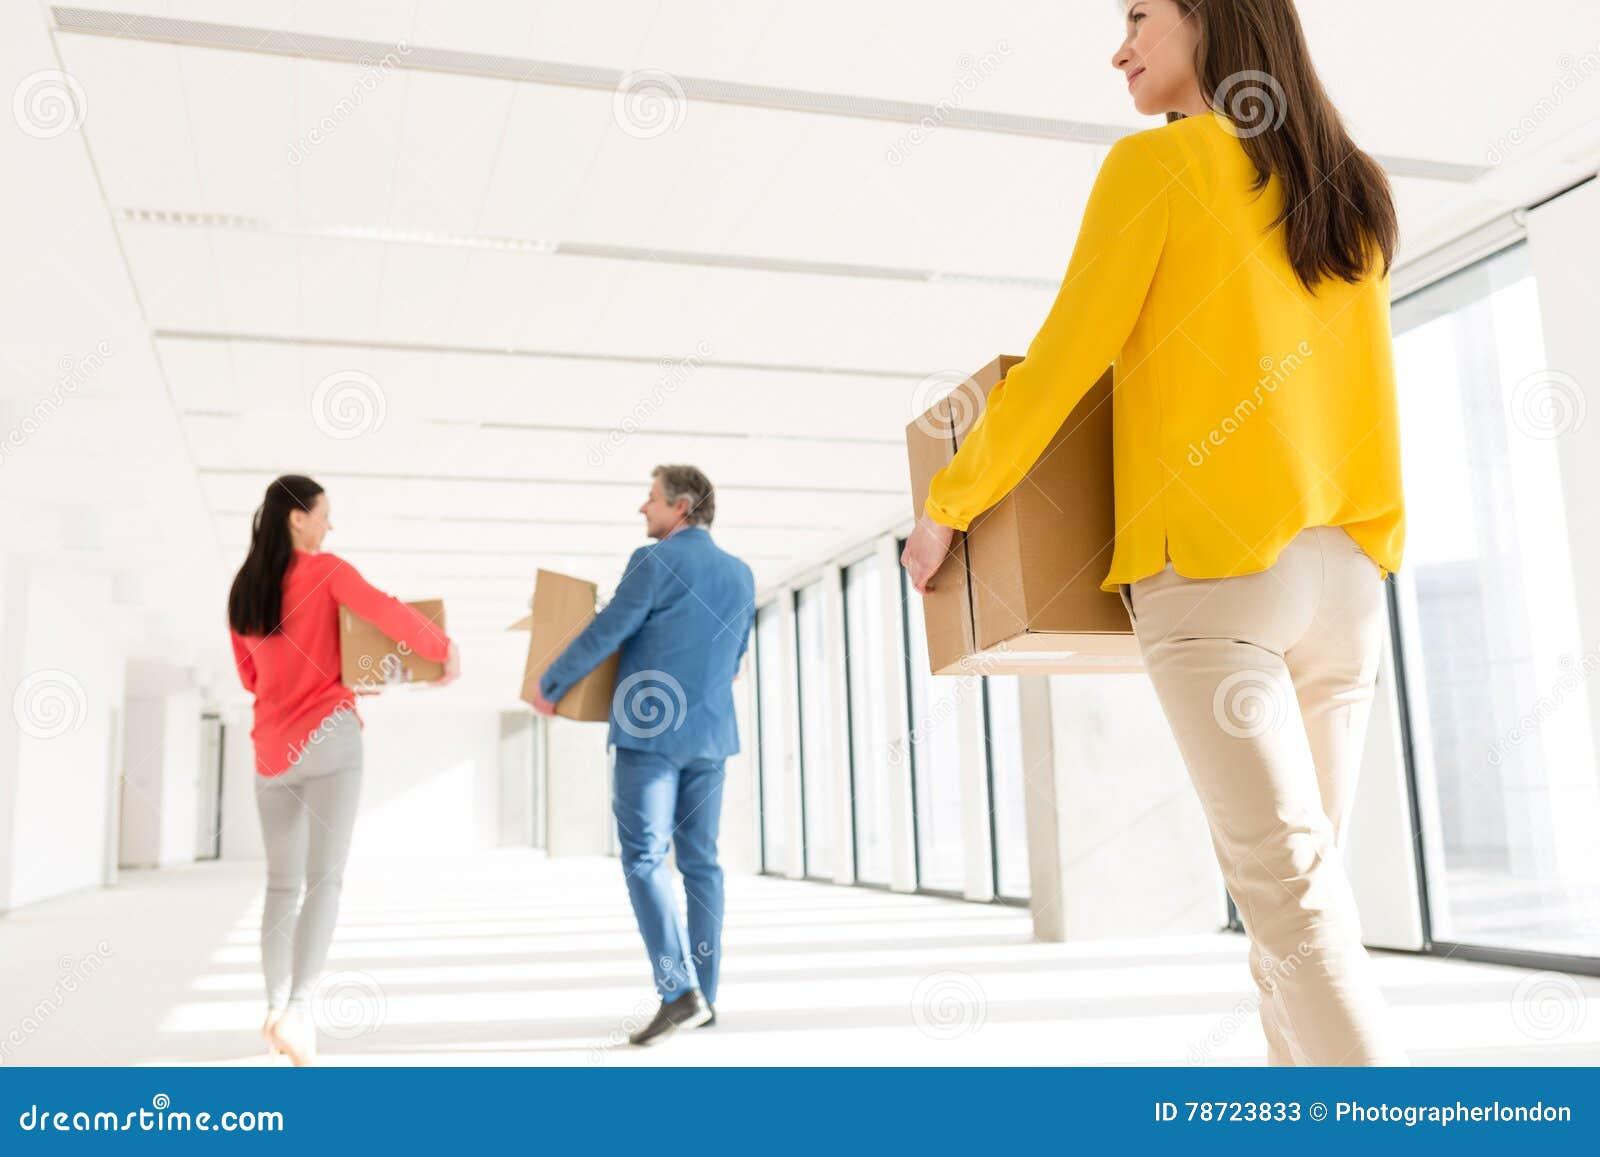 Achtermening van bedrijfsmensen met kartondozen die zich in nieuw bureau bewegen